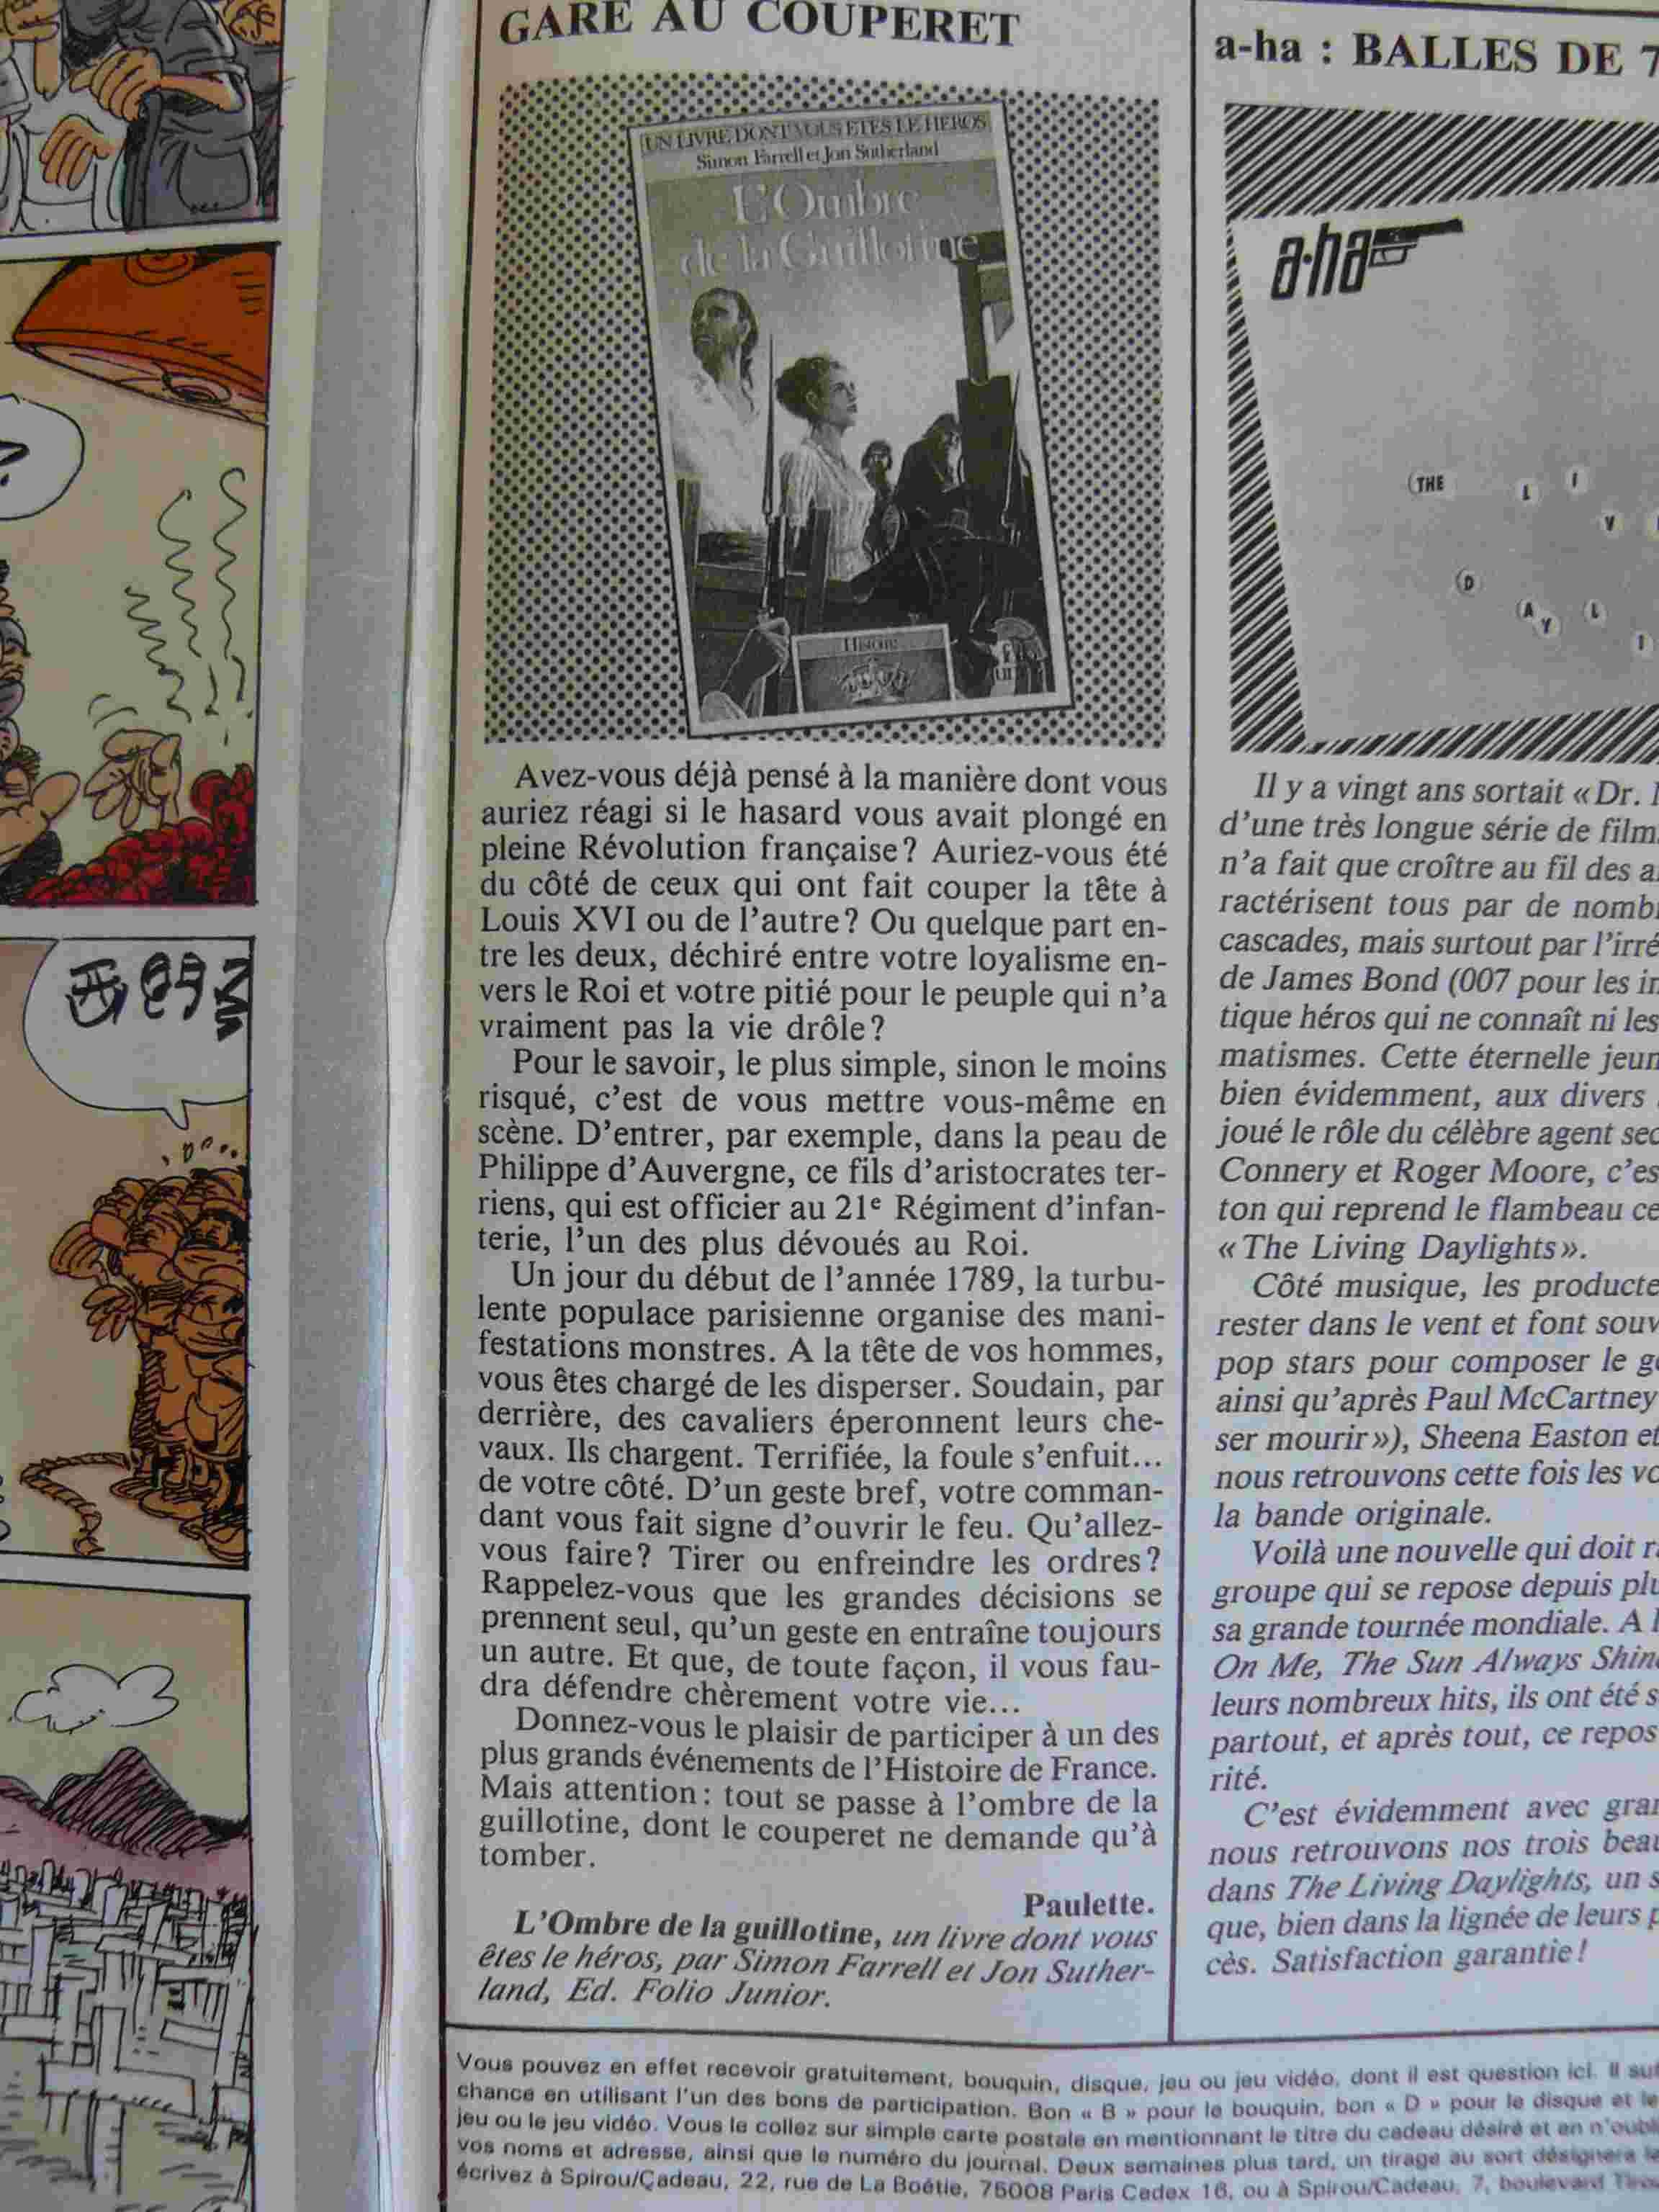 LDVELH : on en parle dans les médias - Page 6 P1010513